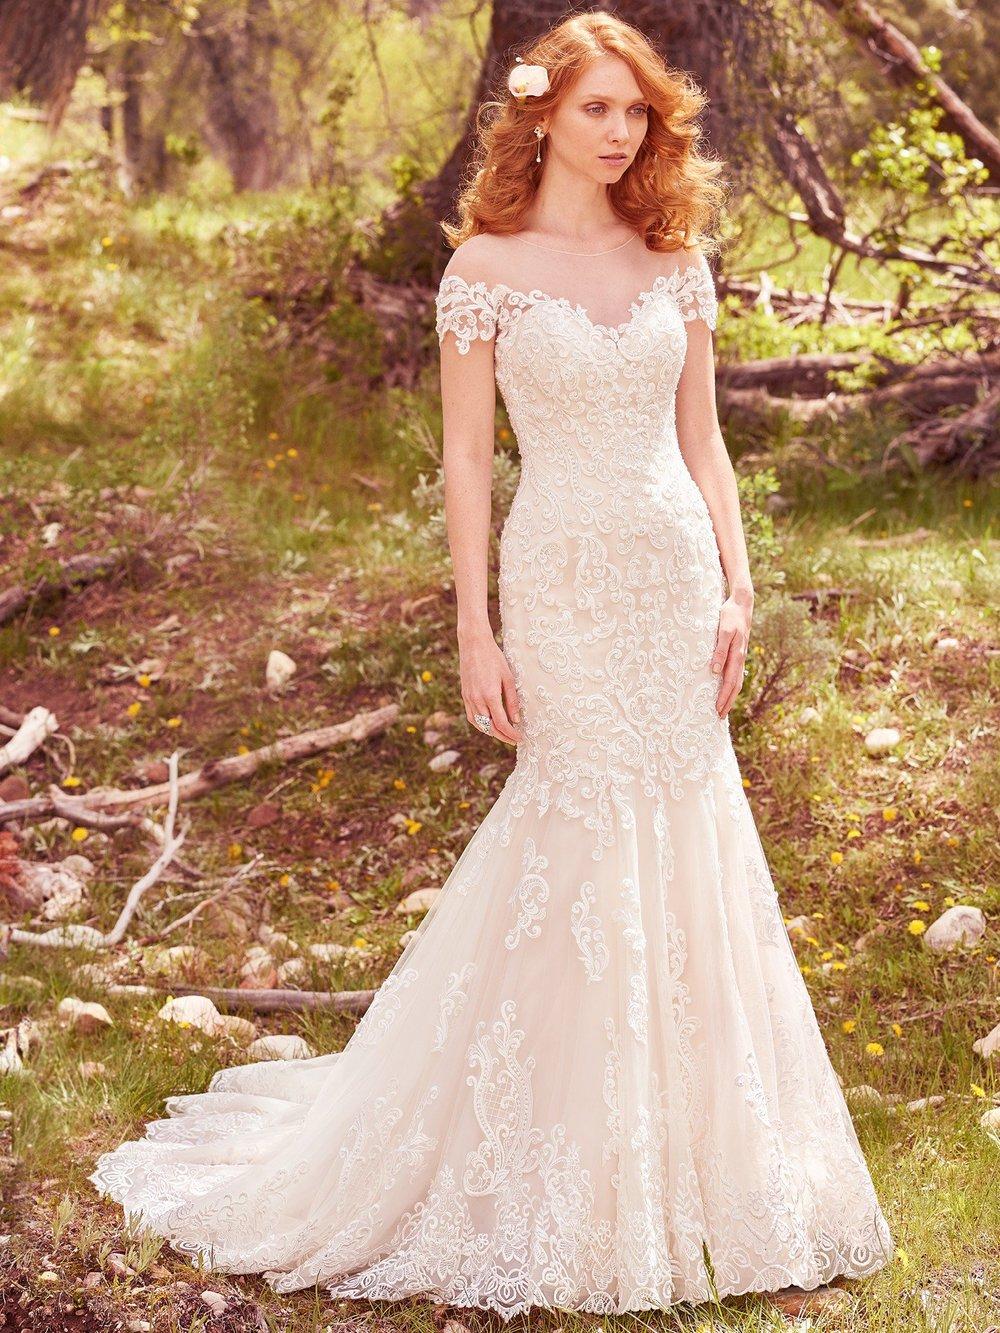 Maggie-Sottero-Wedding-Dress-Marcy-7MT379-Alt1.jpg